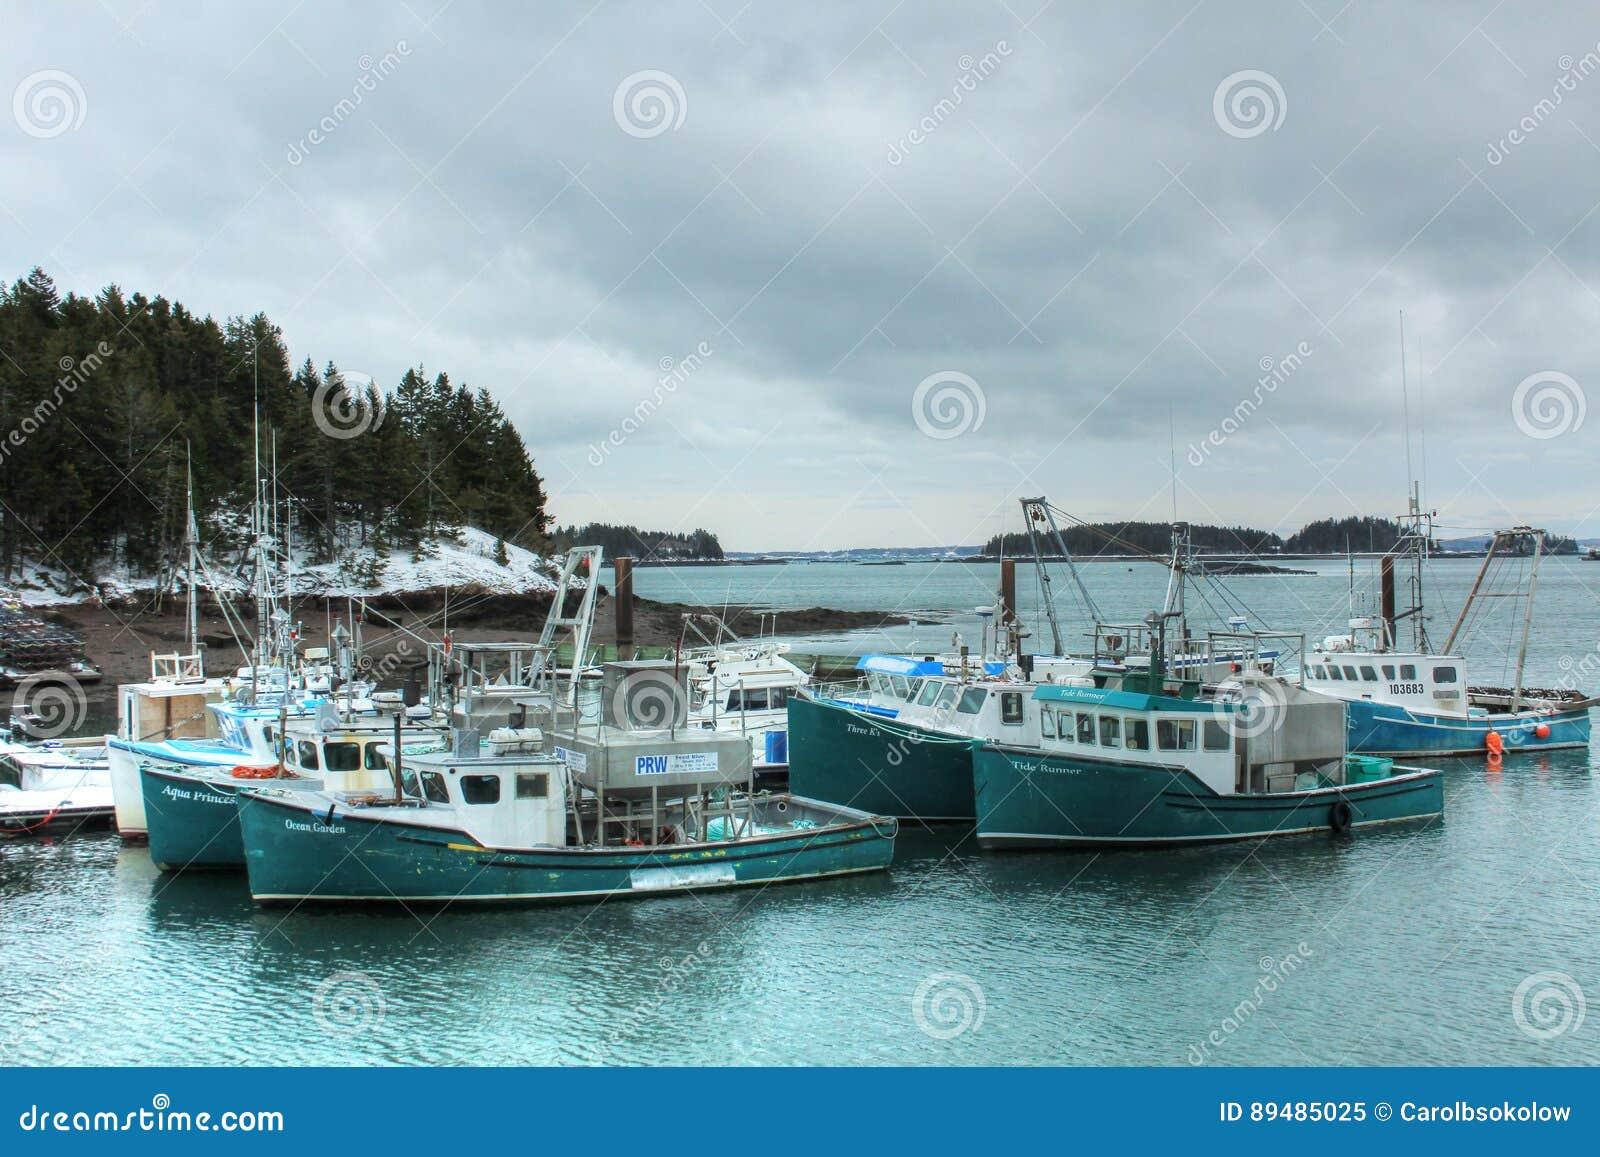 Fishing Boats At Deer Island, New Brunswick Editorial Image